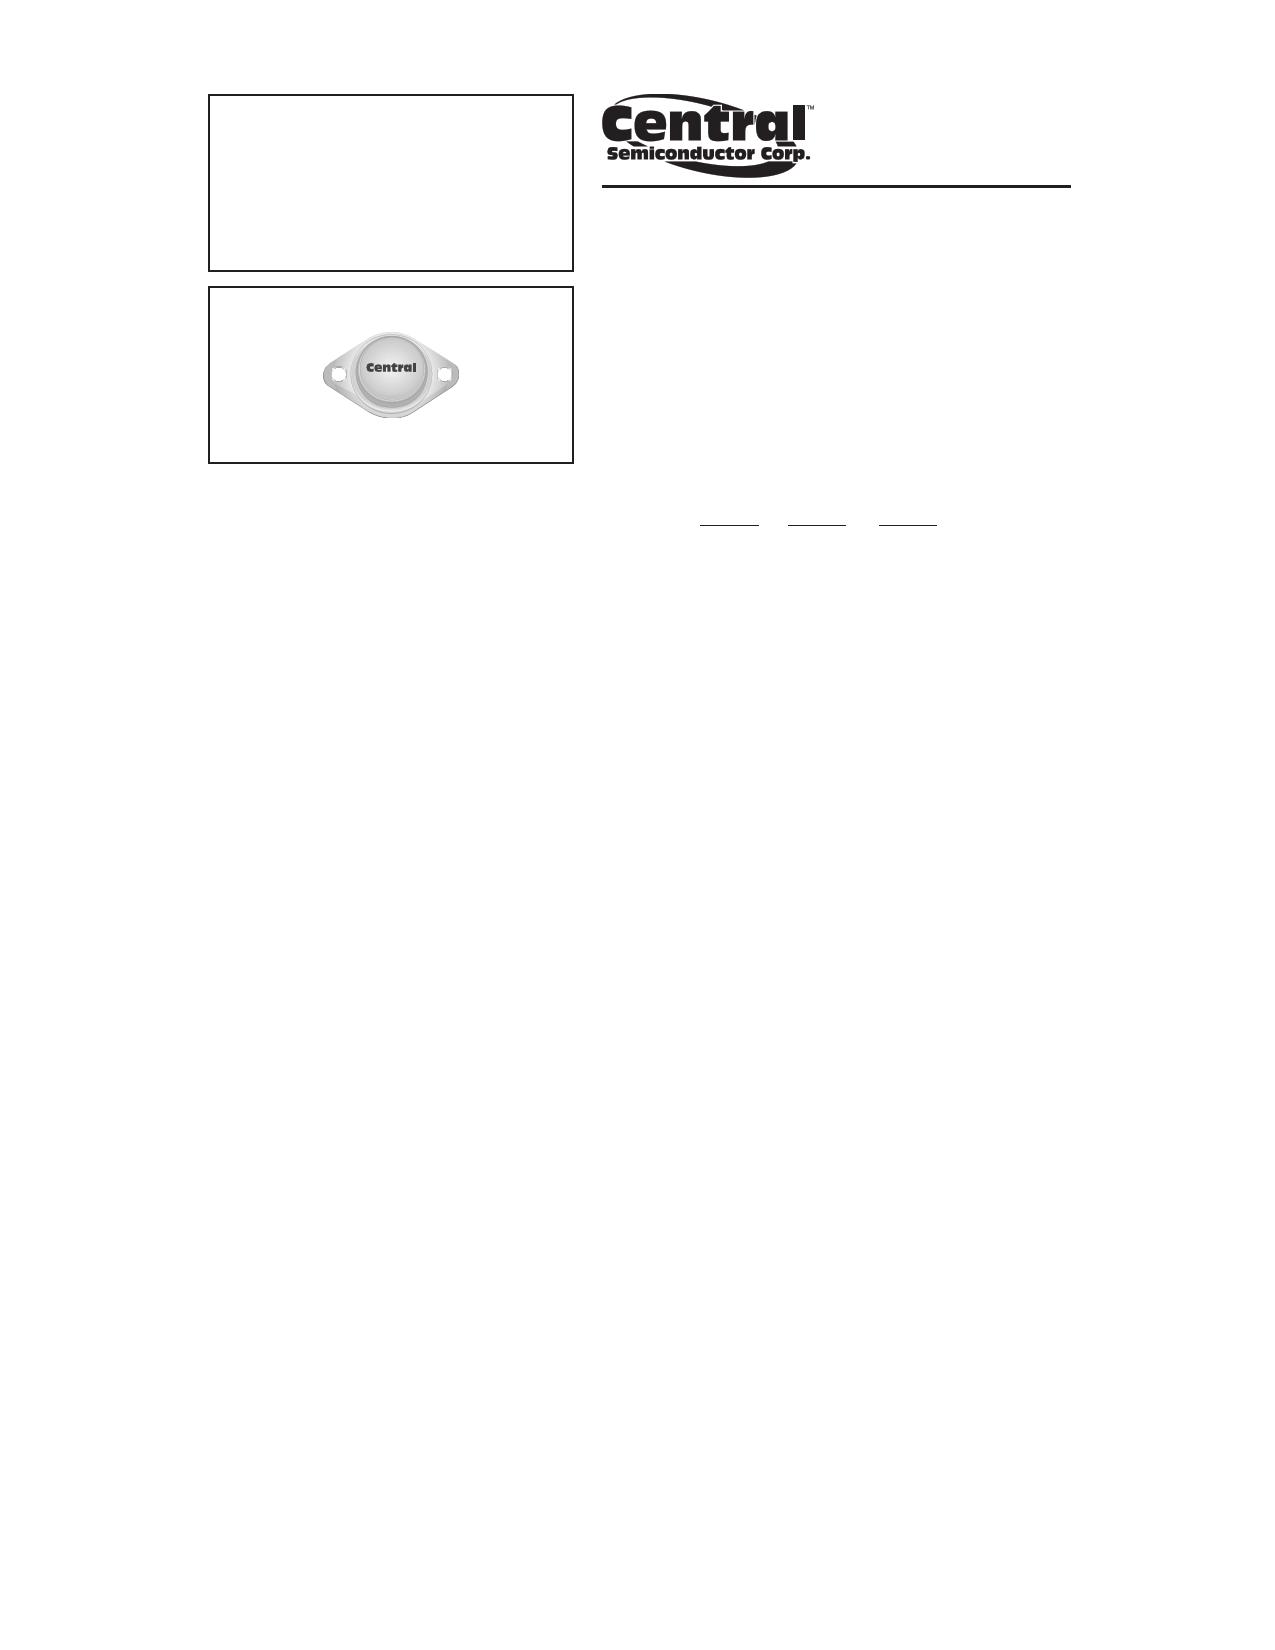 2N6287 Datasheet, 2N6287 PDF,ピン配置, 機能